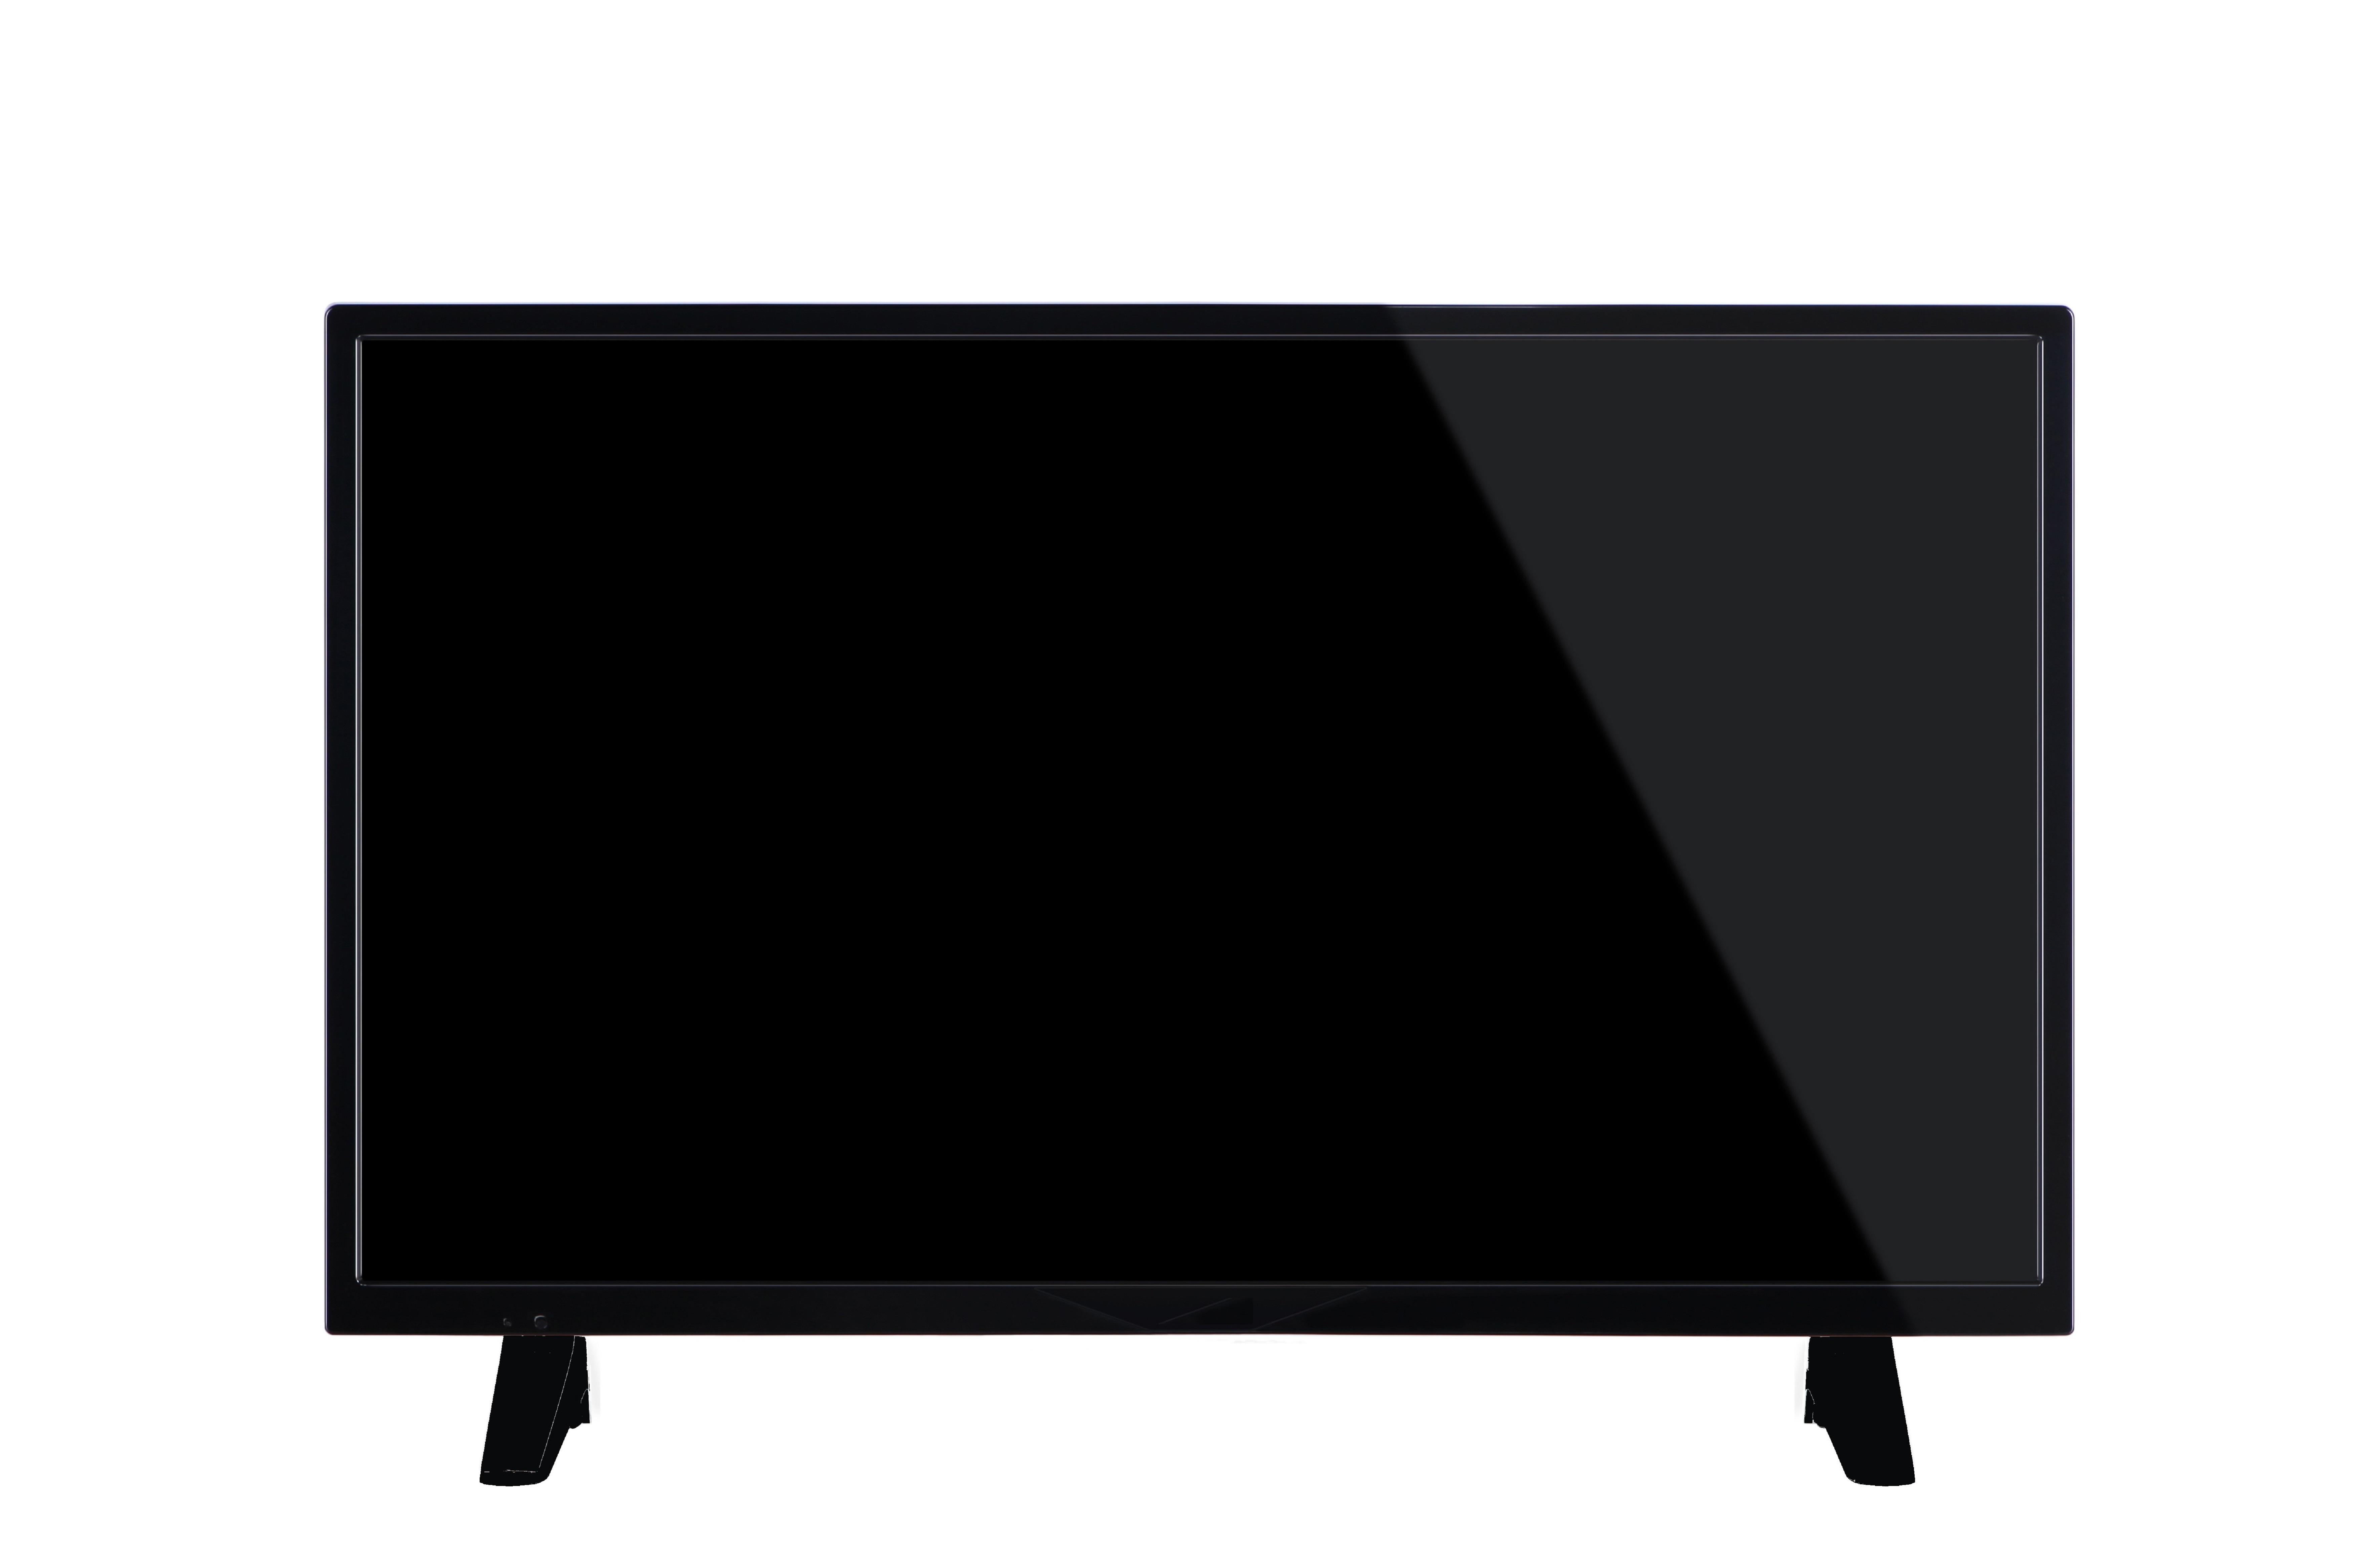 tv led hd 31 5 80 cm cl32dled19 noir pas cher. Black Bedroom Furniture Sets. Home Design Ideas